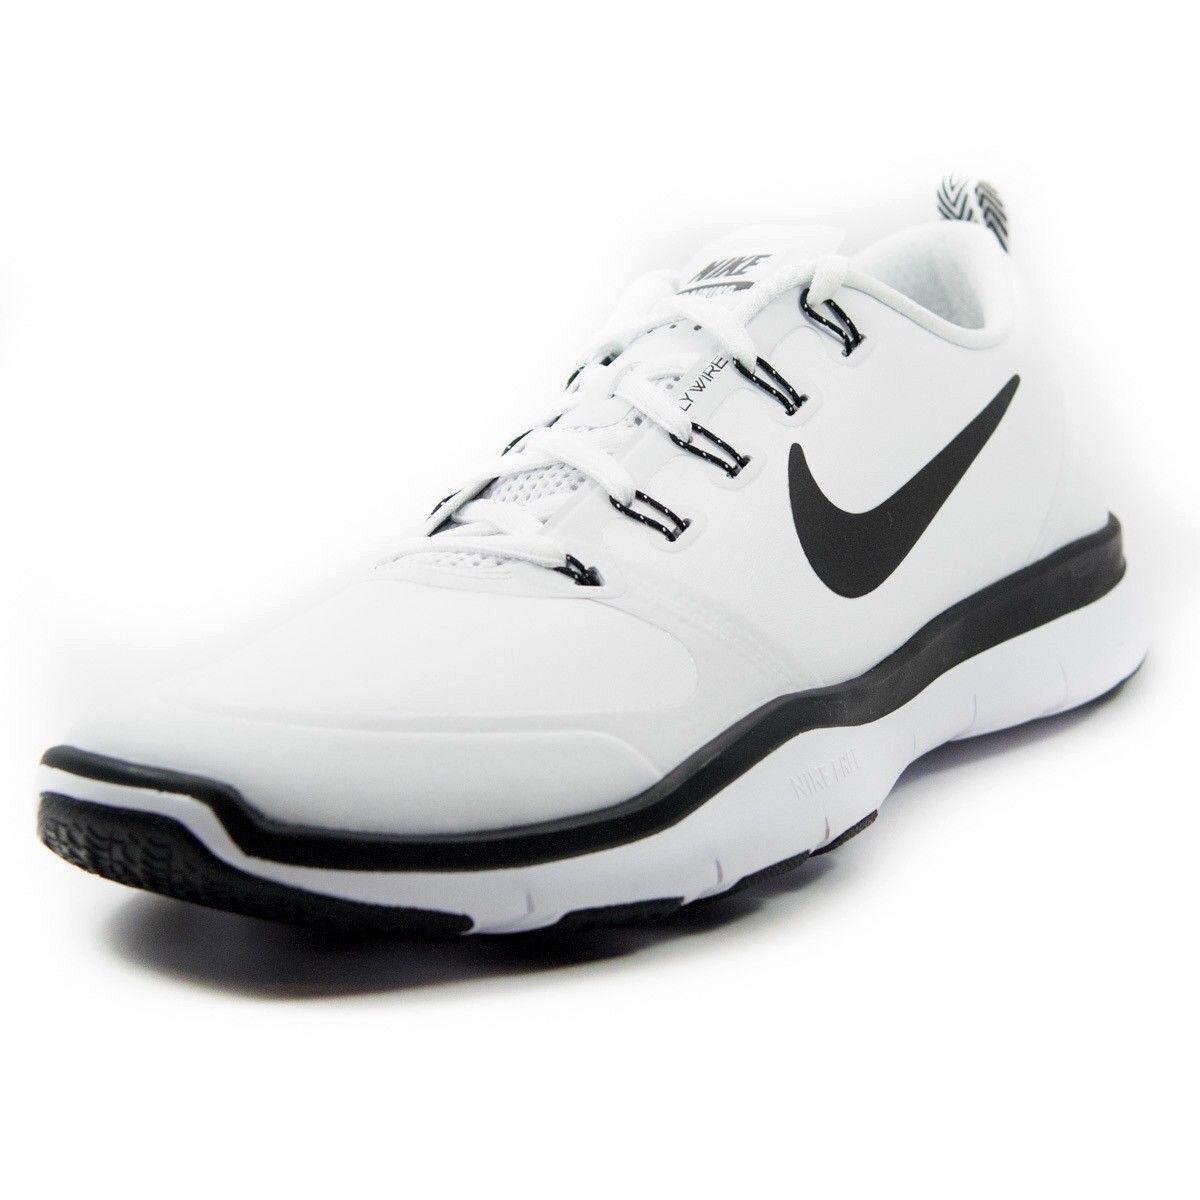 418282dfa222 NIKE FREE TRAIN VERSATILITY TB Taille Homme RUNNING Chaussures Chaussures  Chaussures (833257 101) 351502